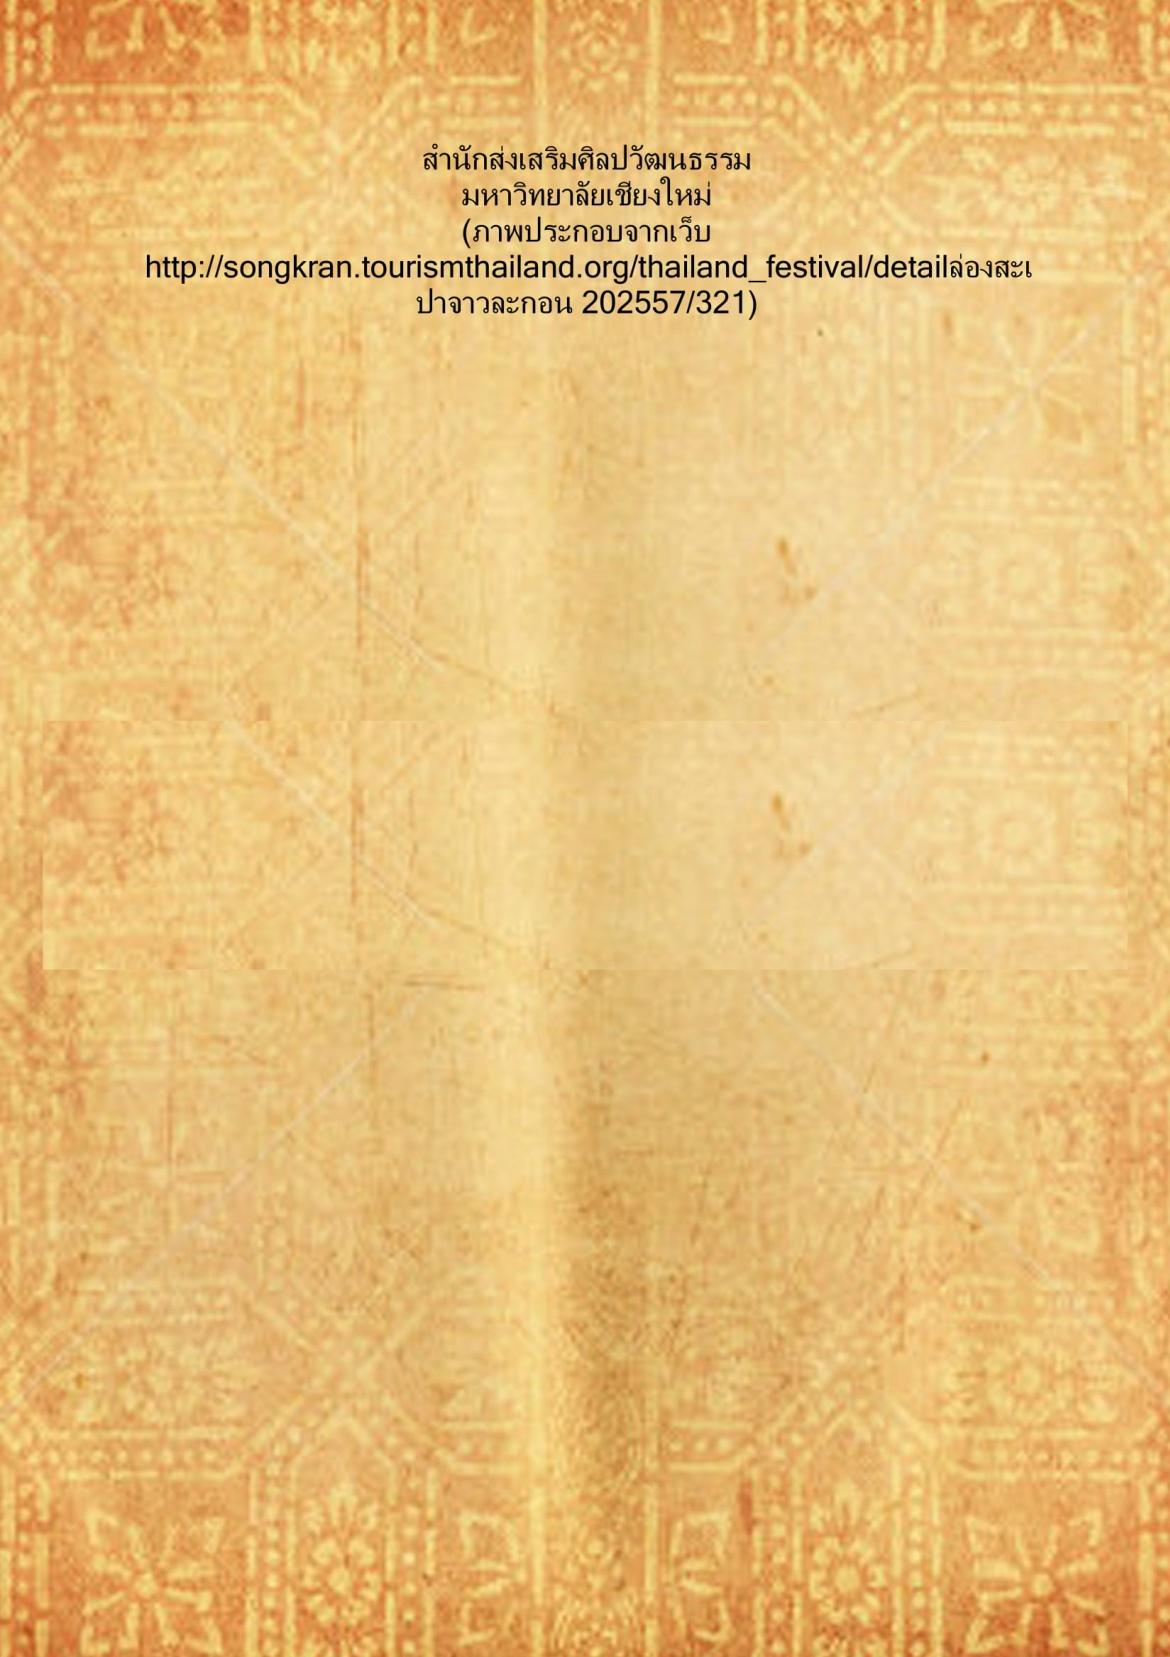 ล่องสะเปา - 31  ตุลาคม  2559